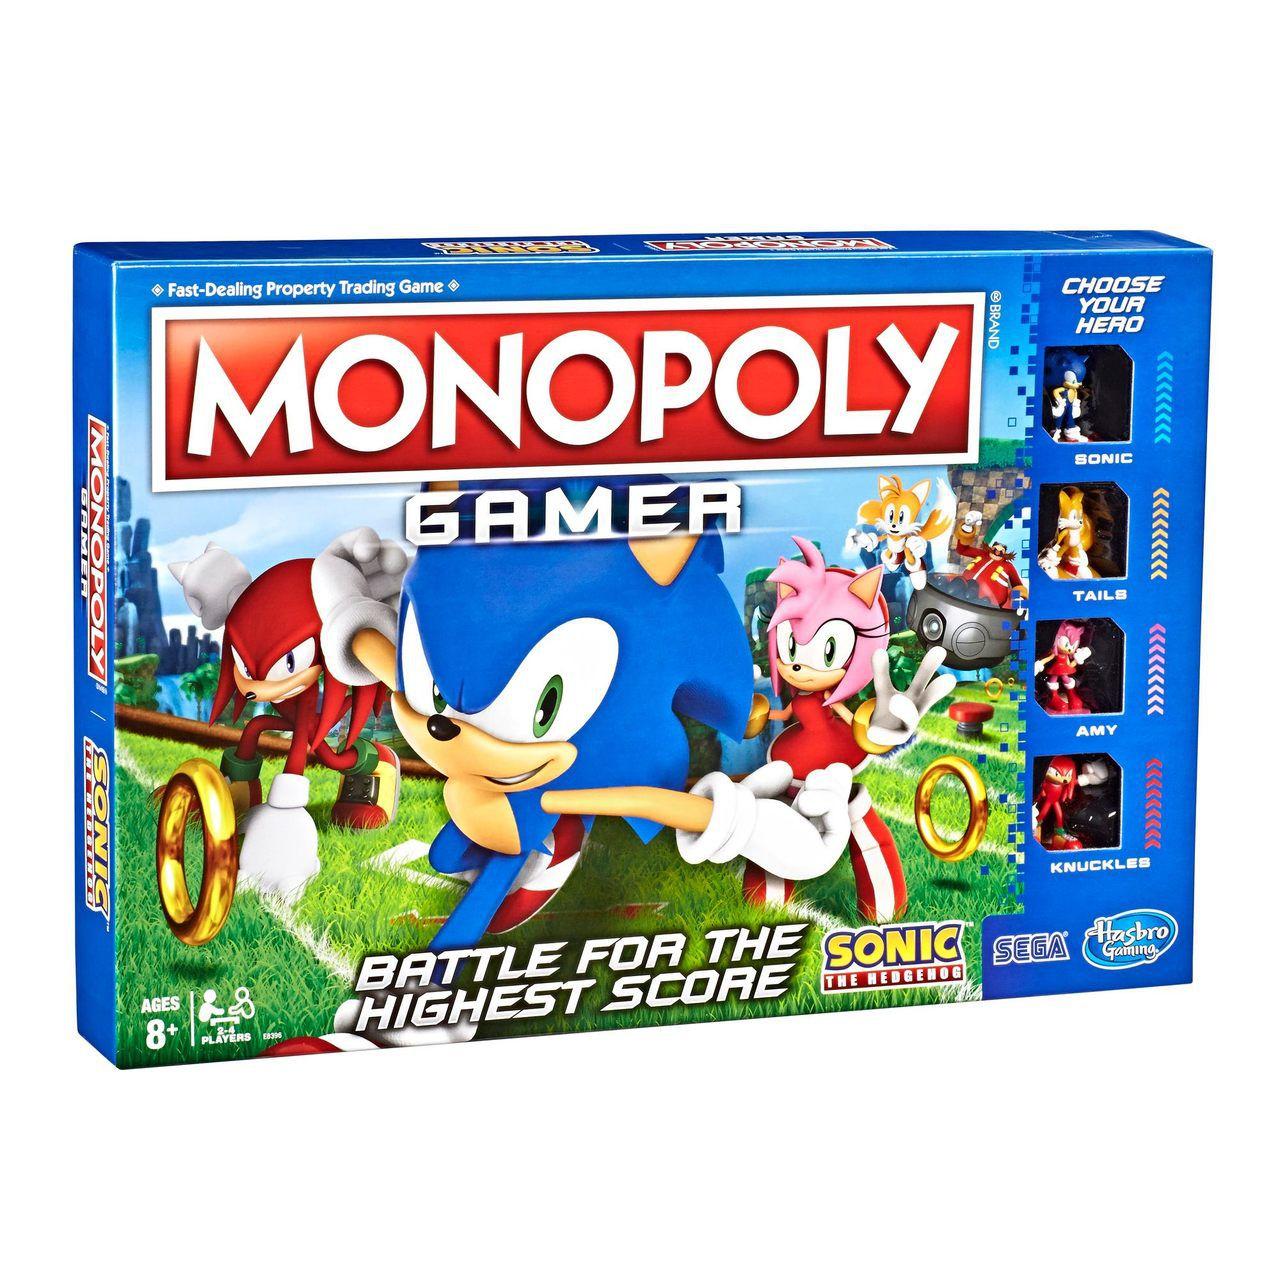 Jogo de Tabuleiro (Board Games) Monopoly Sonic The Hedgehog (Collector's Edition) - Hasbro